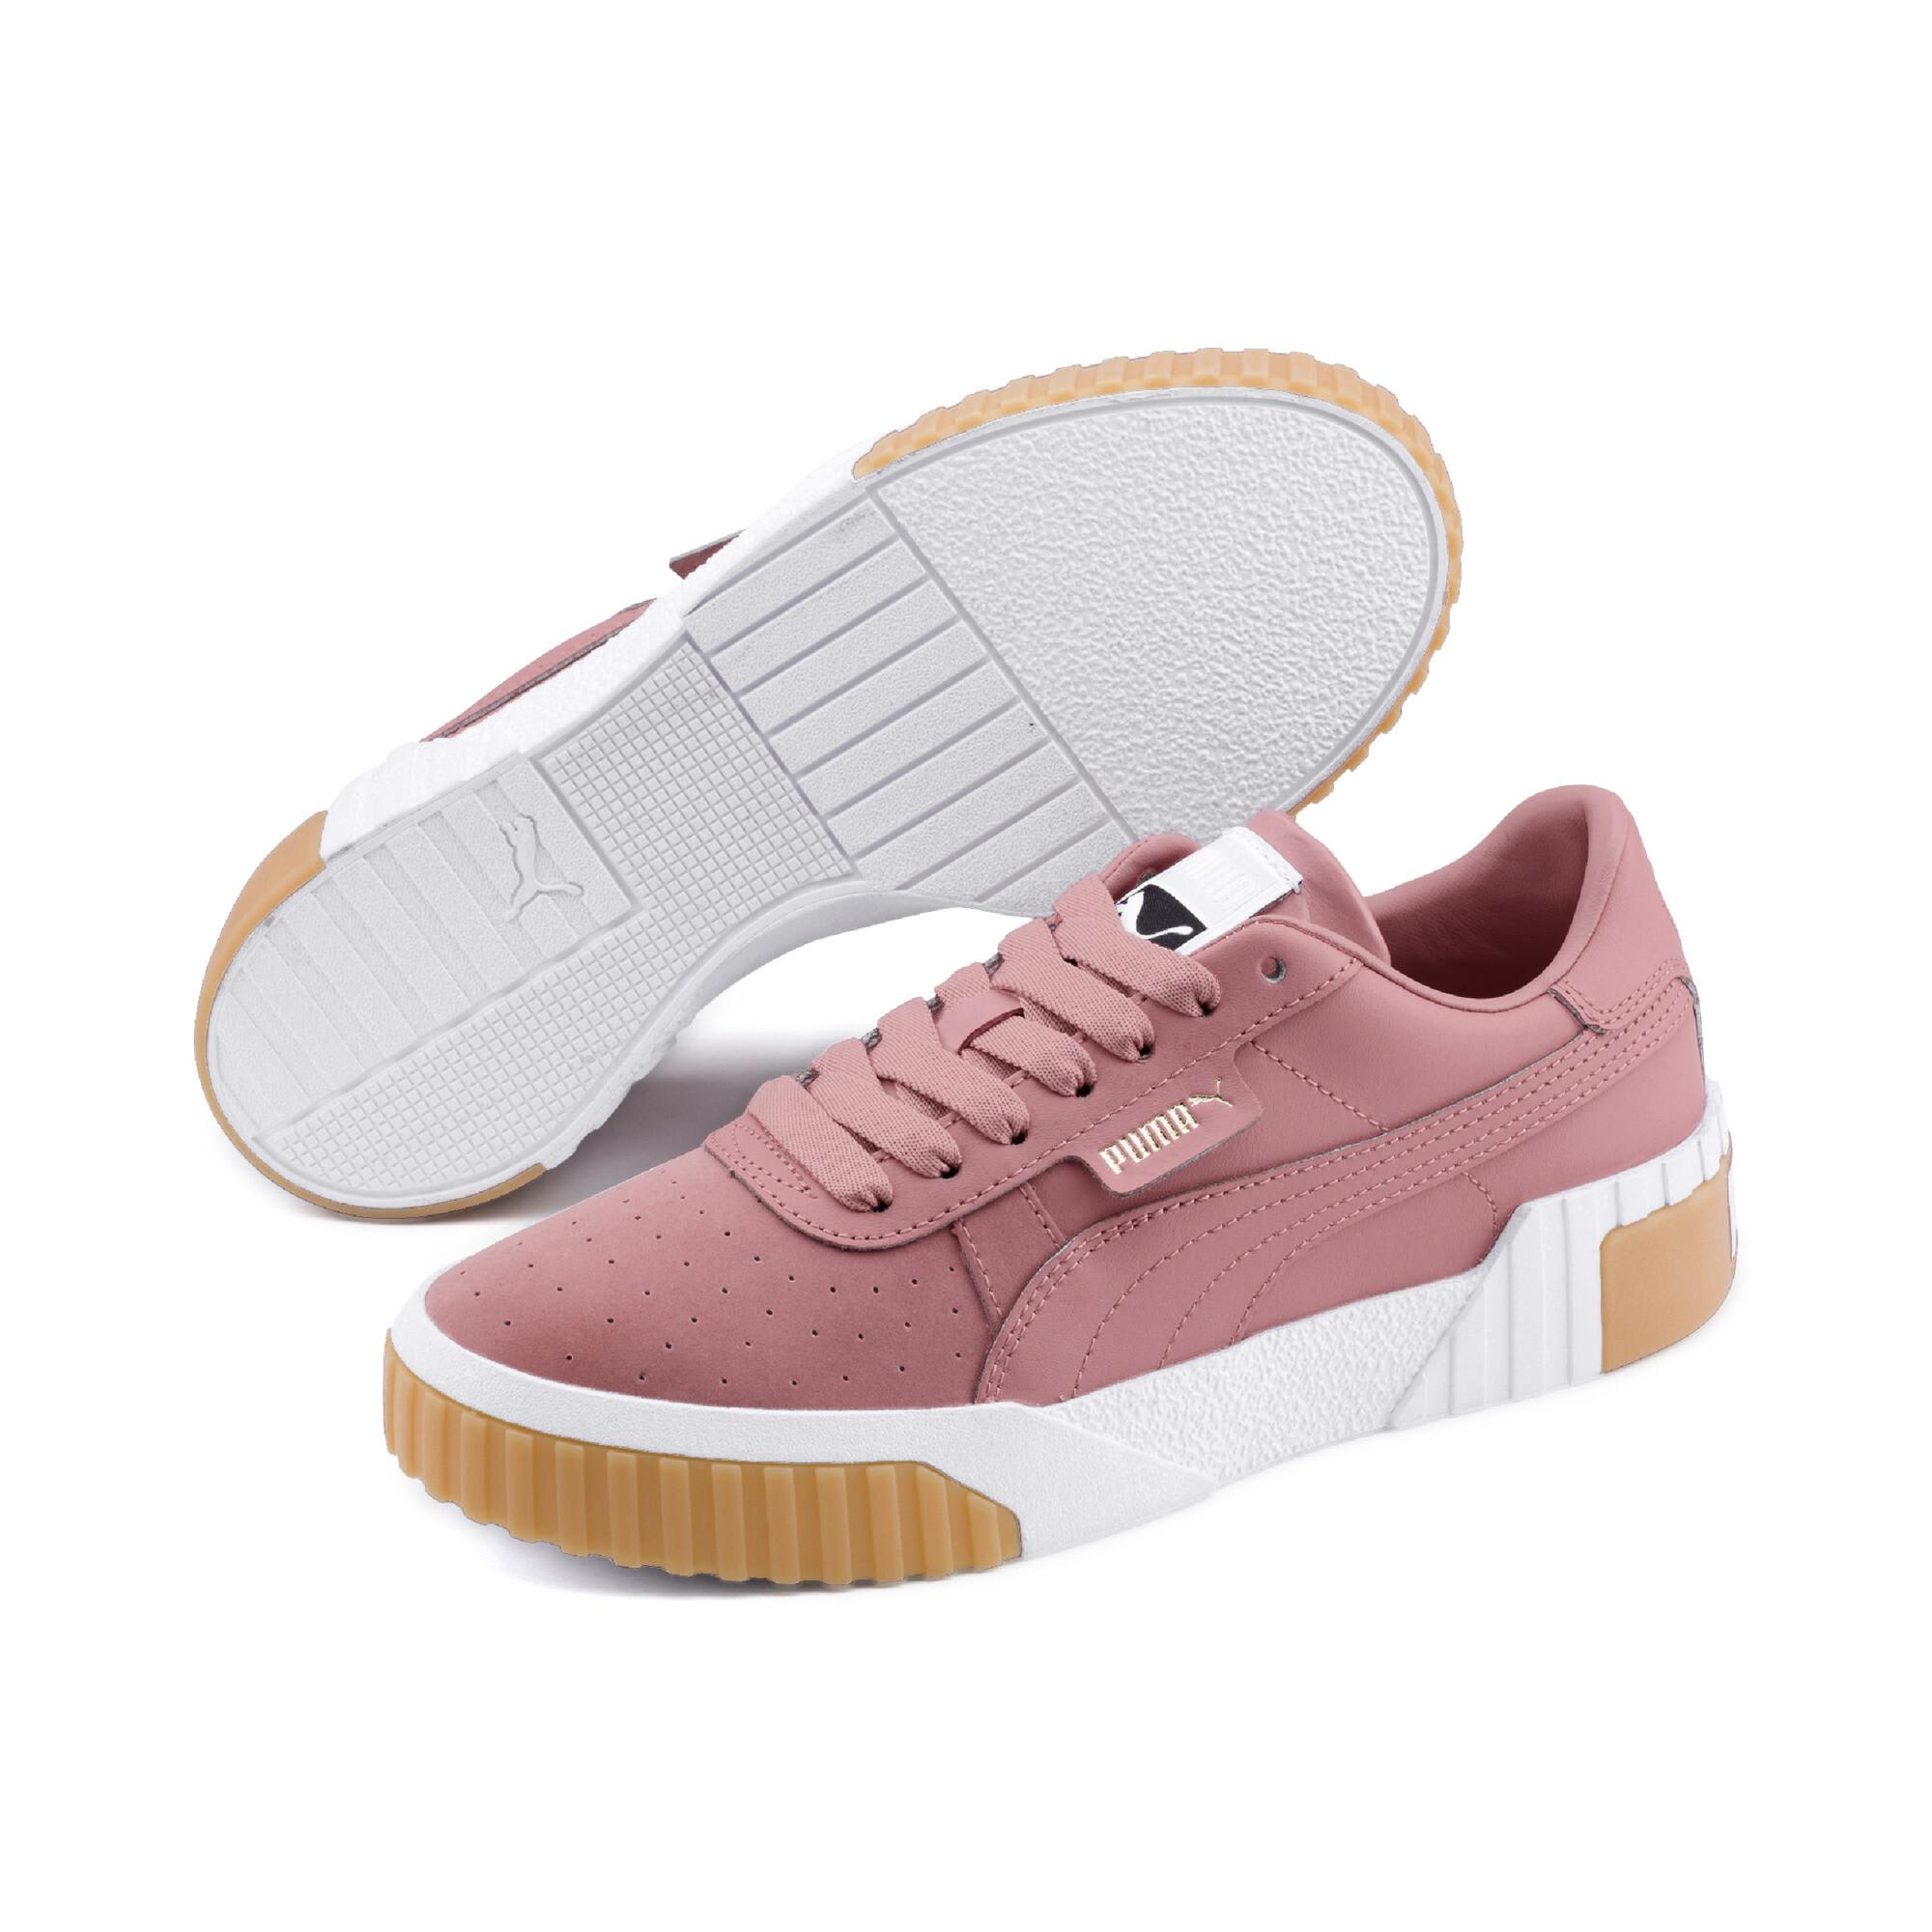 Image Puma Cali Exotic Women's Sneakers #2